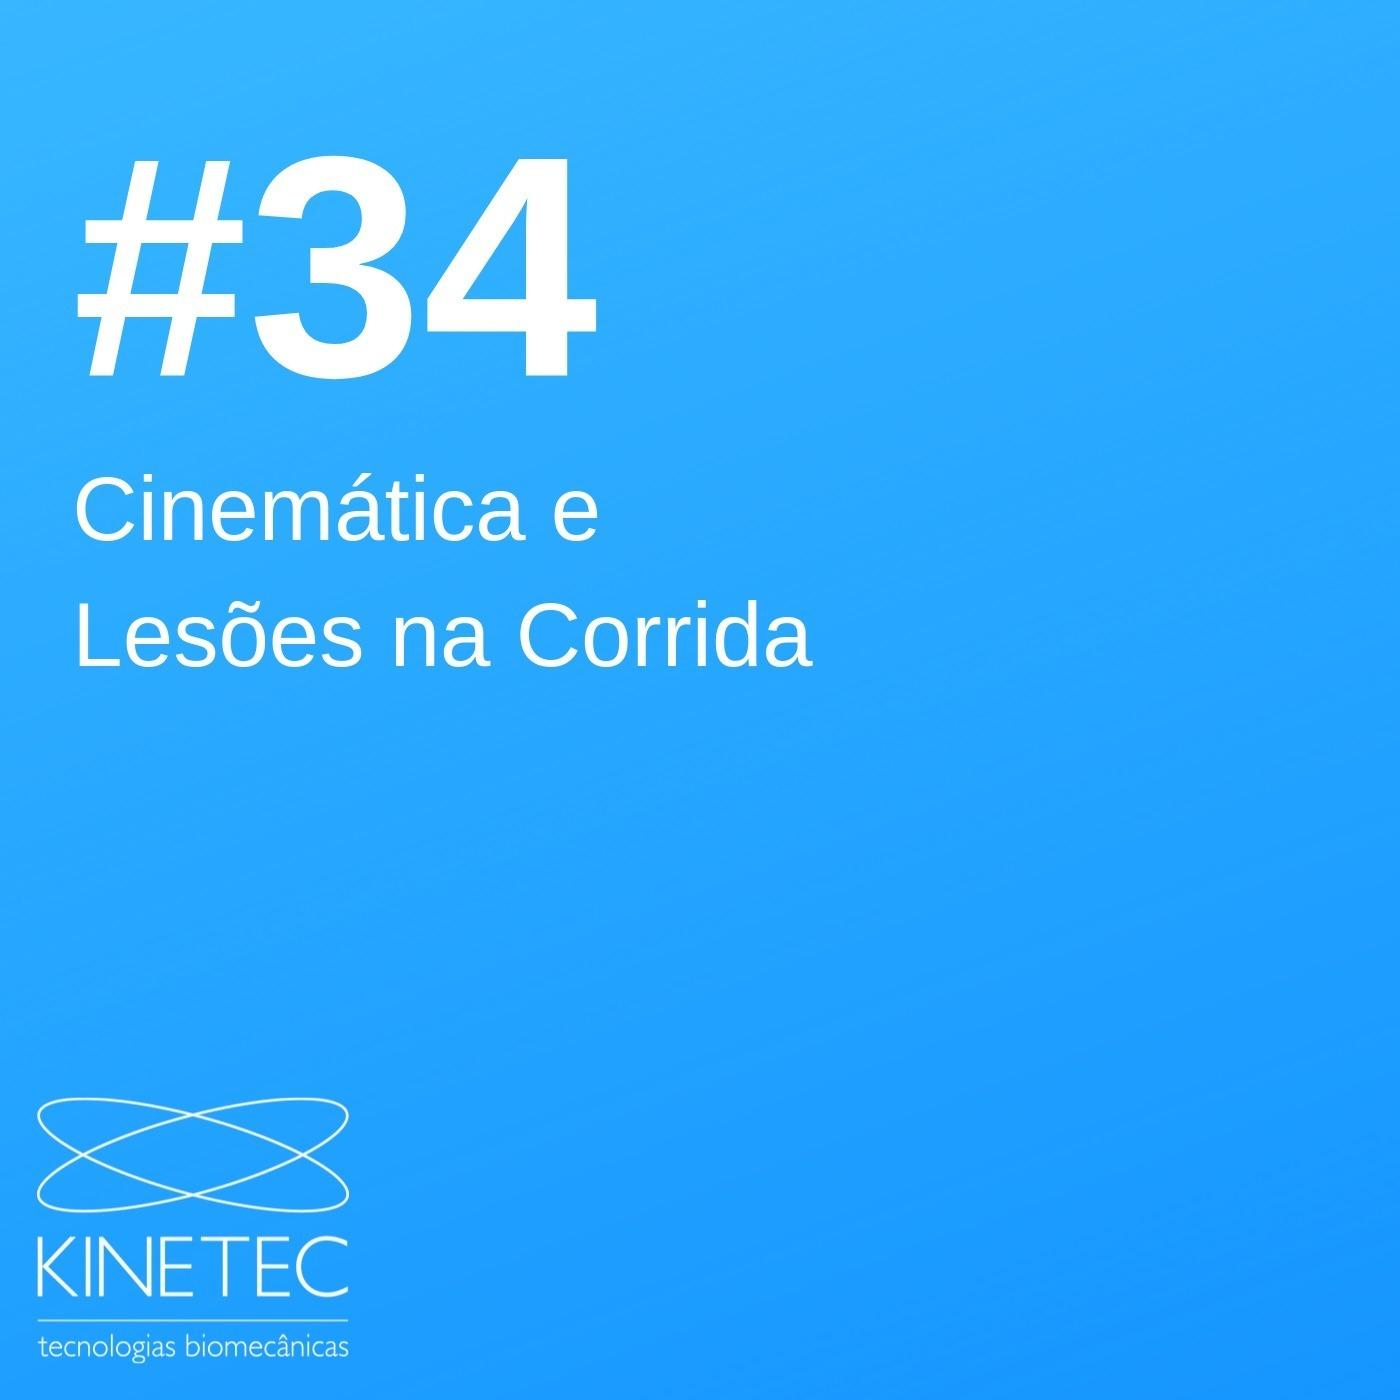 #034 Cinemática e Lesões na Corrida